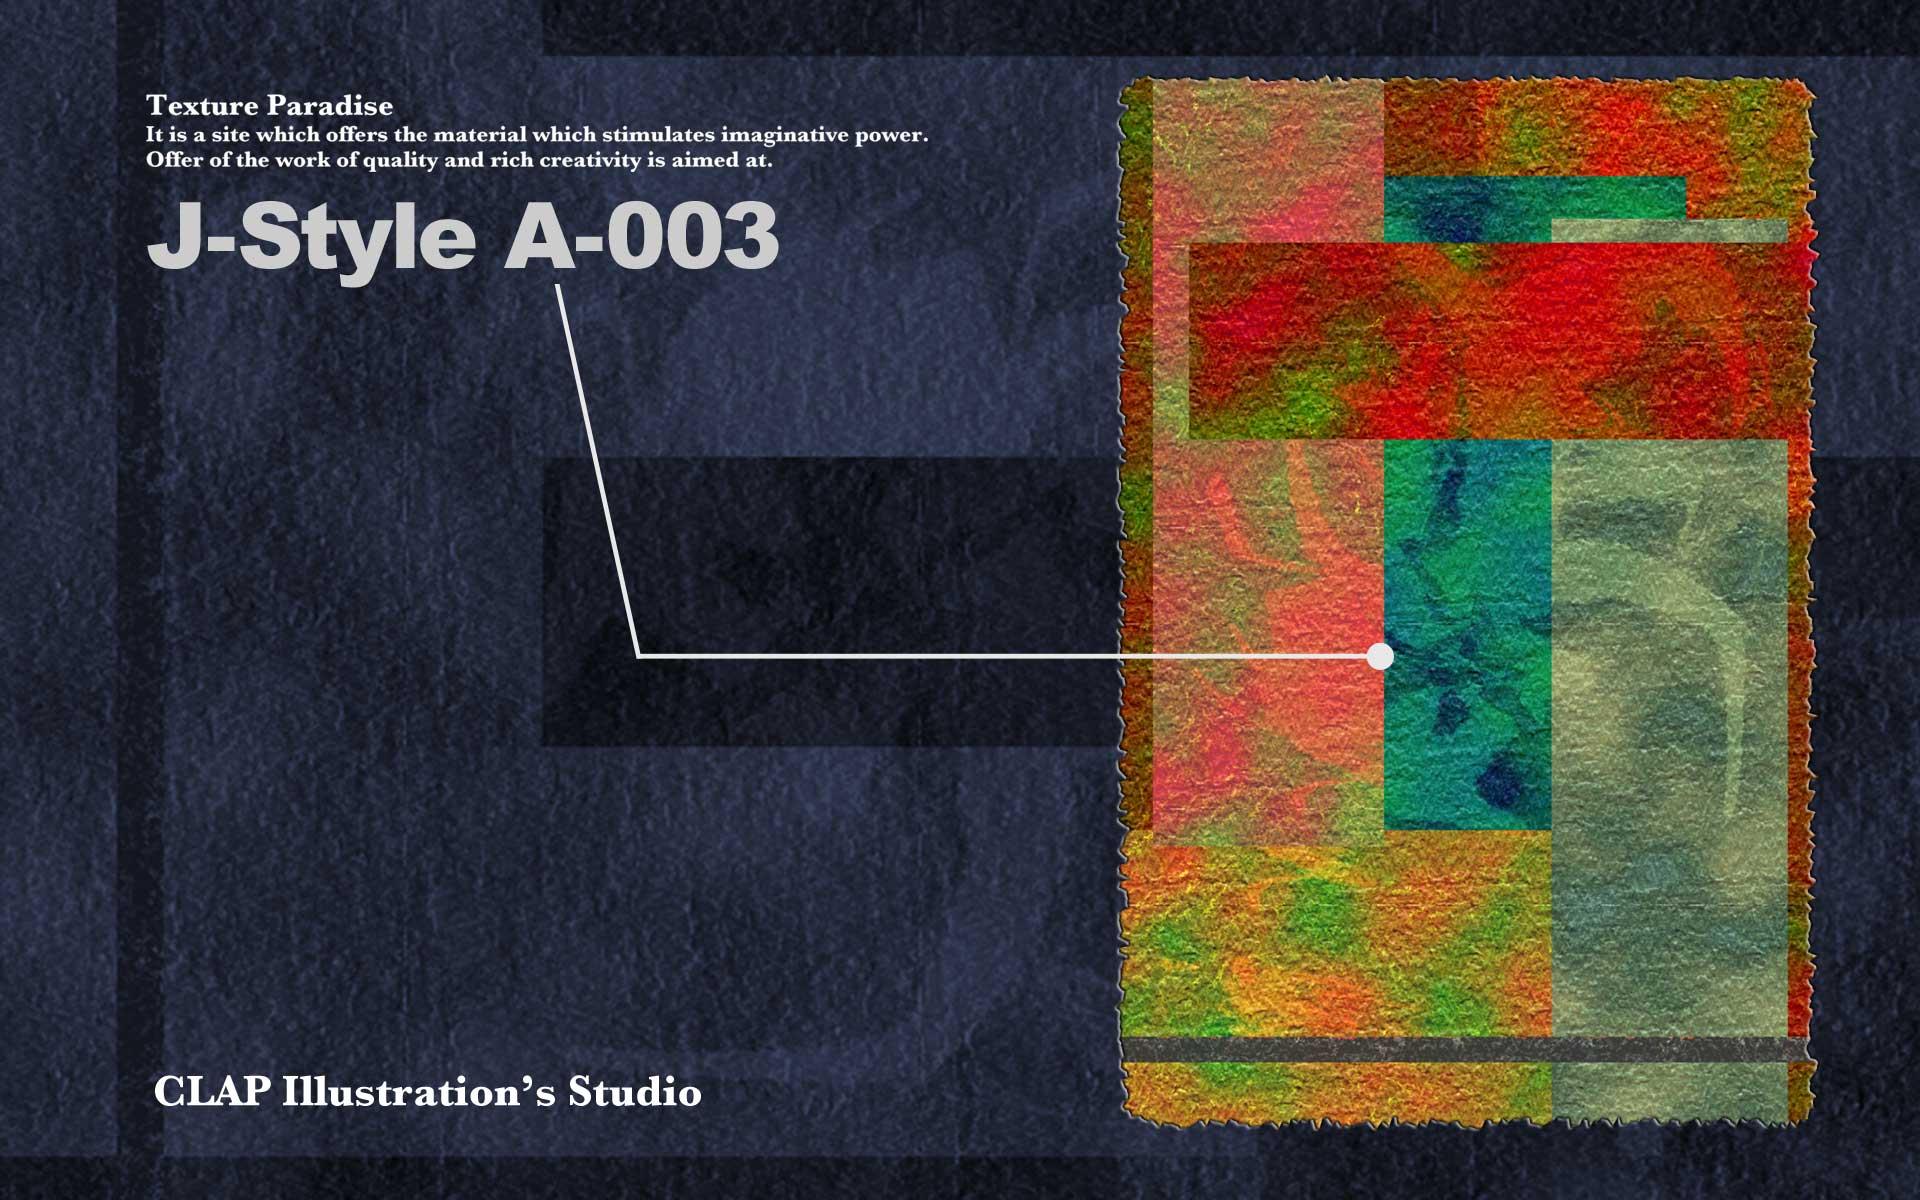 a003_1920x1200.jpg